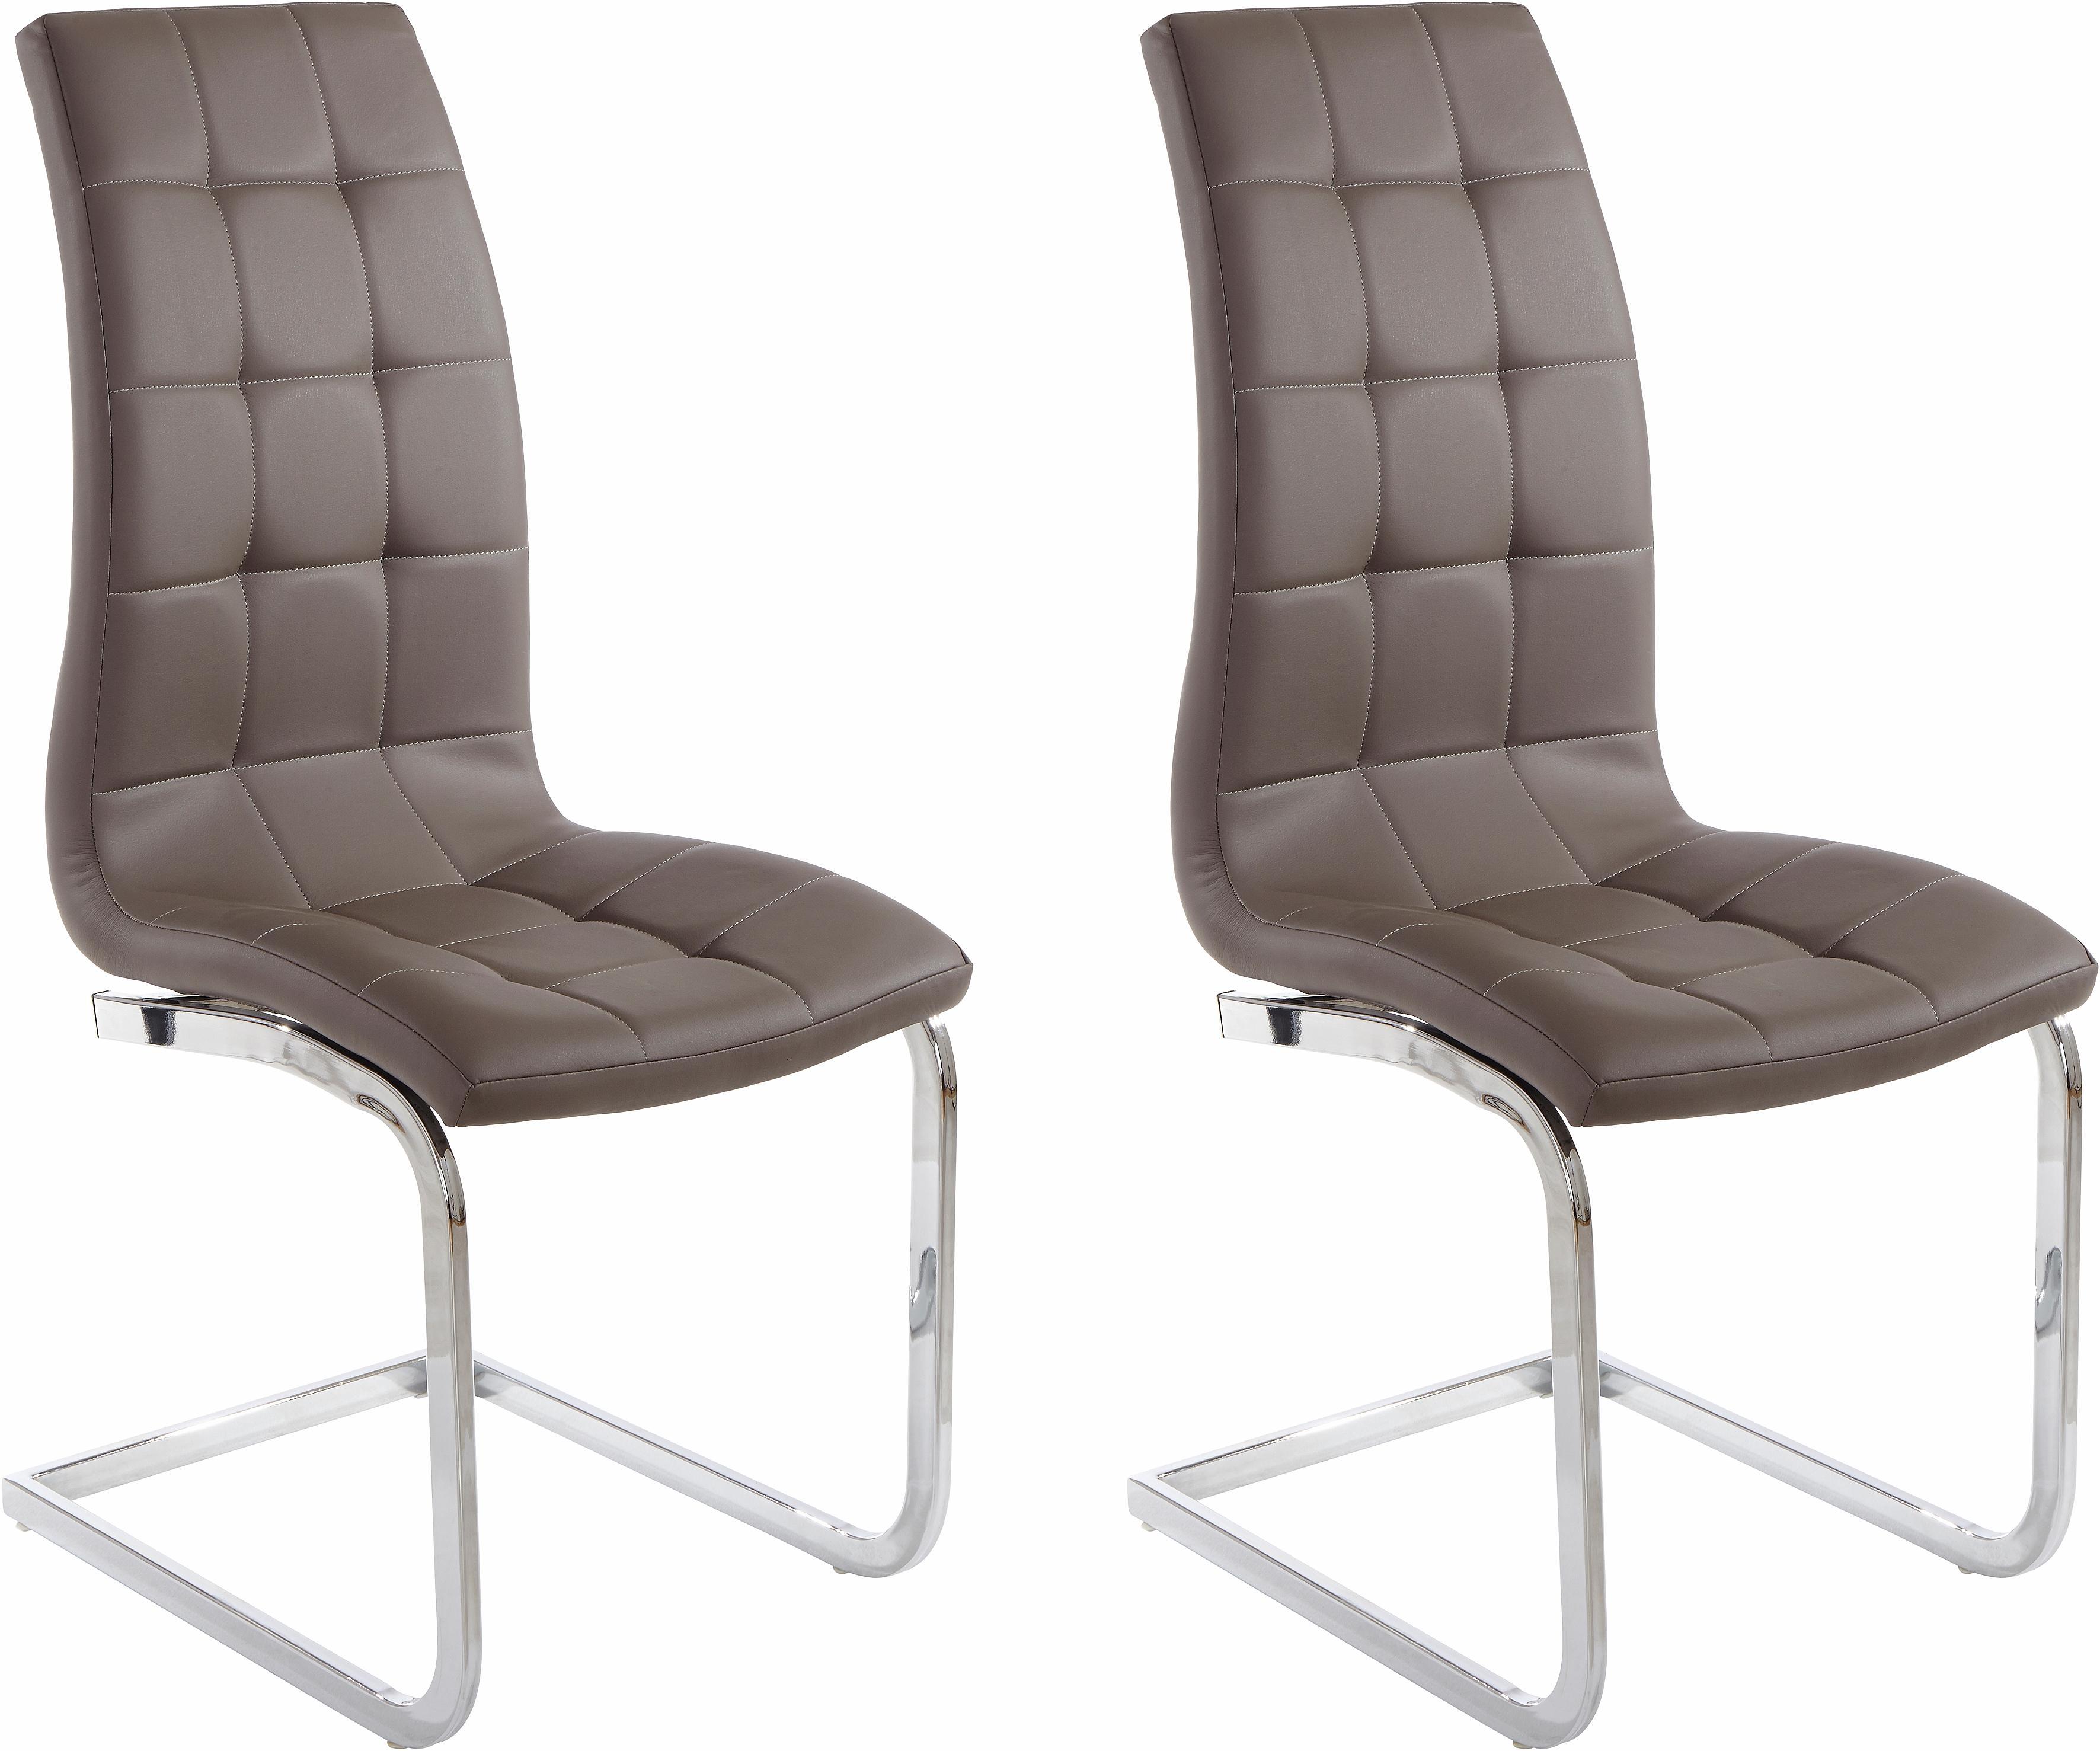 Vrijdragende stoel in set van 2 of 4 nu online kopen bij OTTO